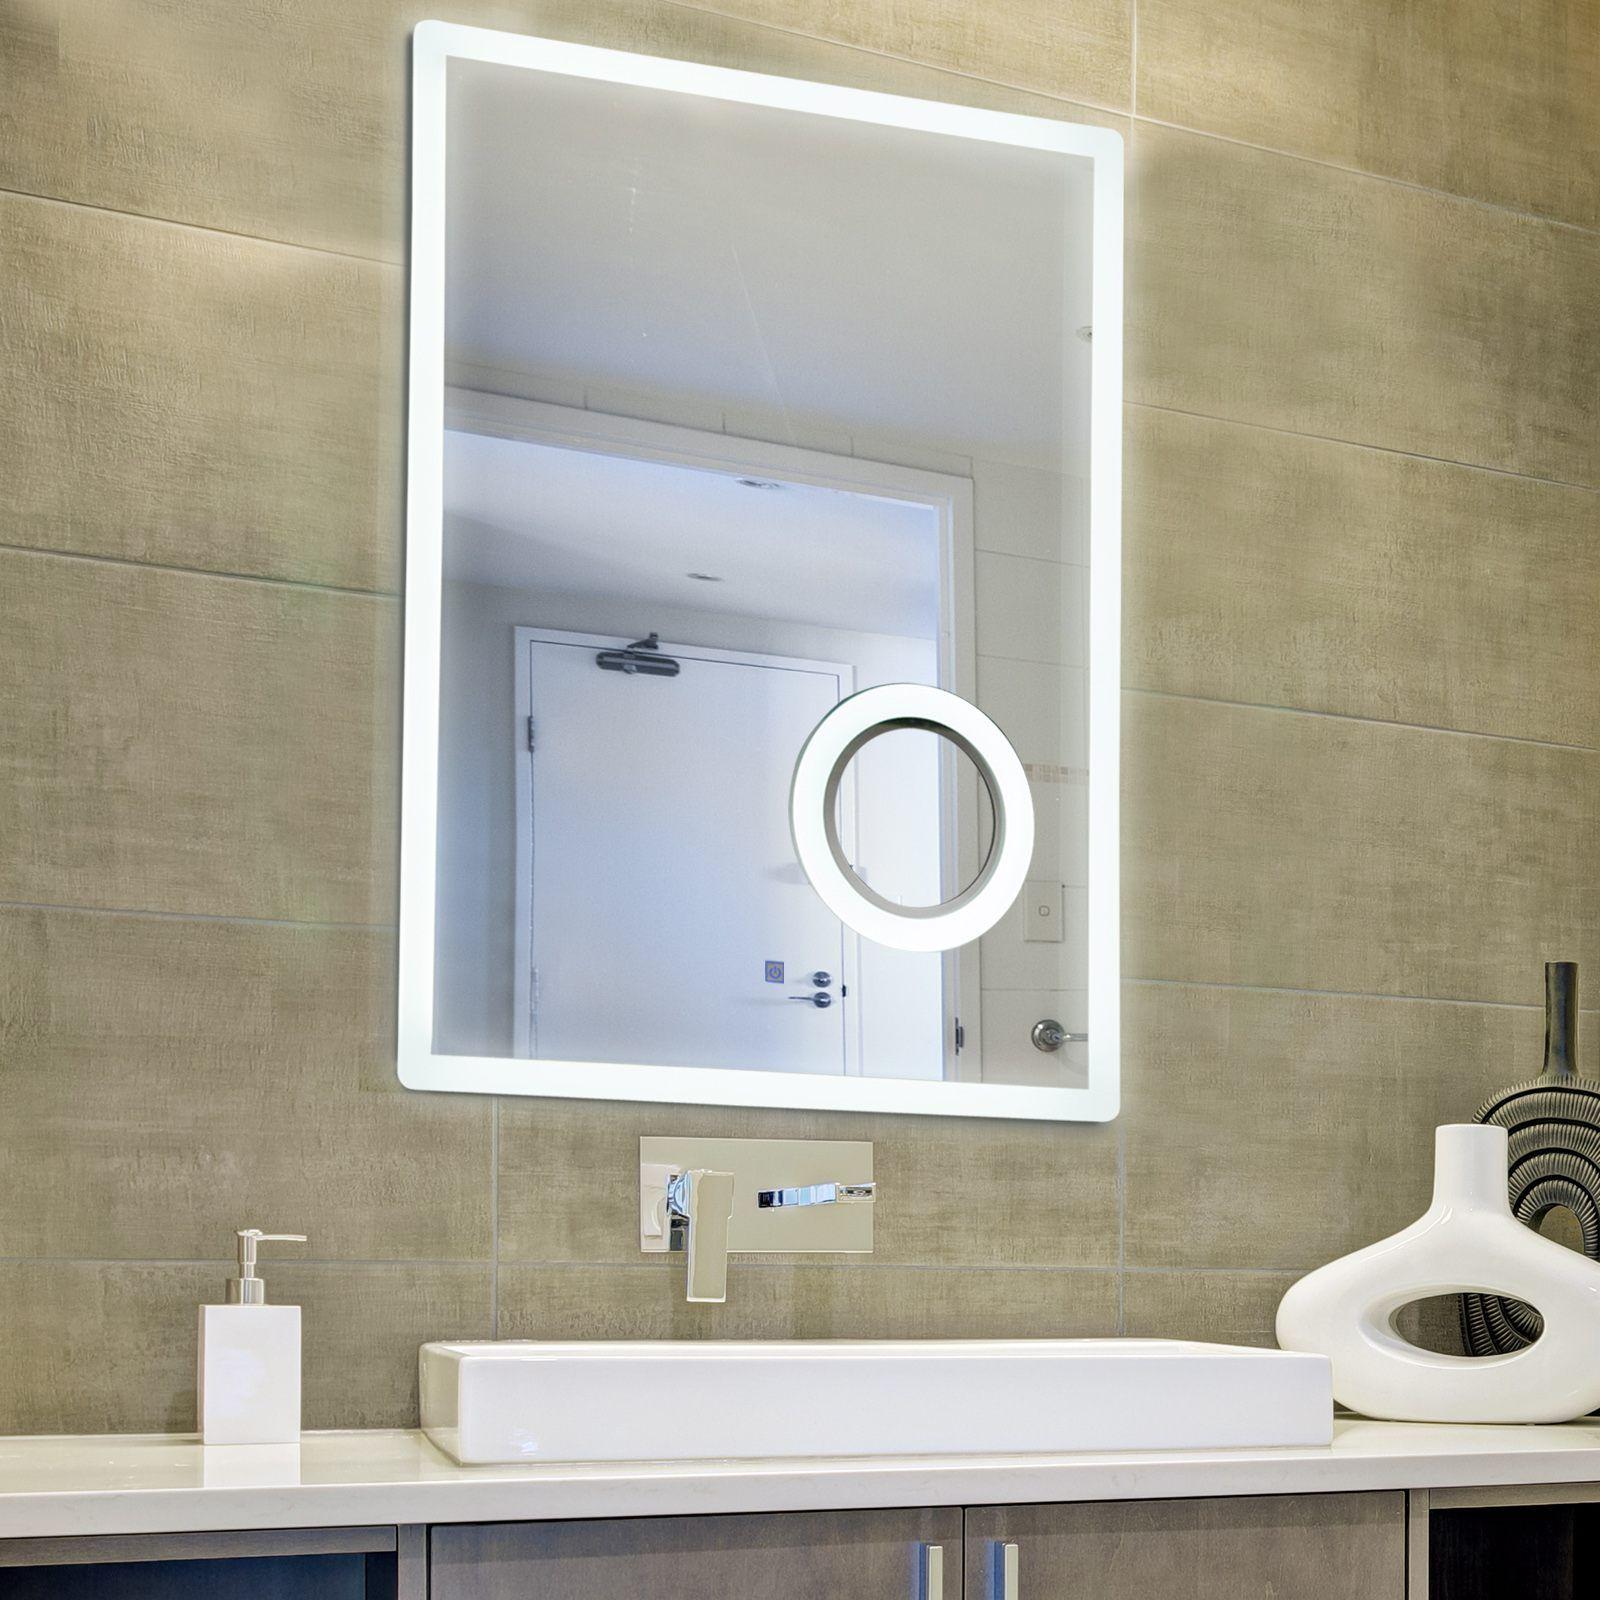 11 Led Badspiegel Mit Schminkspiegel Badezimmerspiegel Beleuchtung W Badezimmerspiegel Badezimmerspiegel Beleuchtung Schminkspiegel